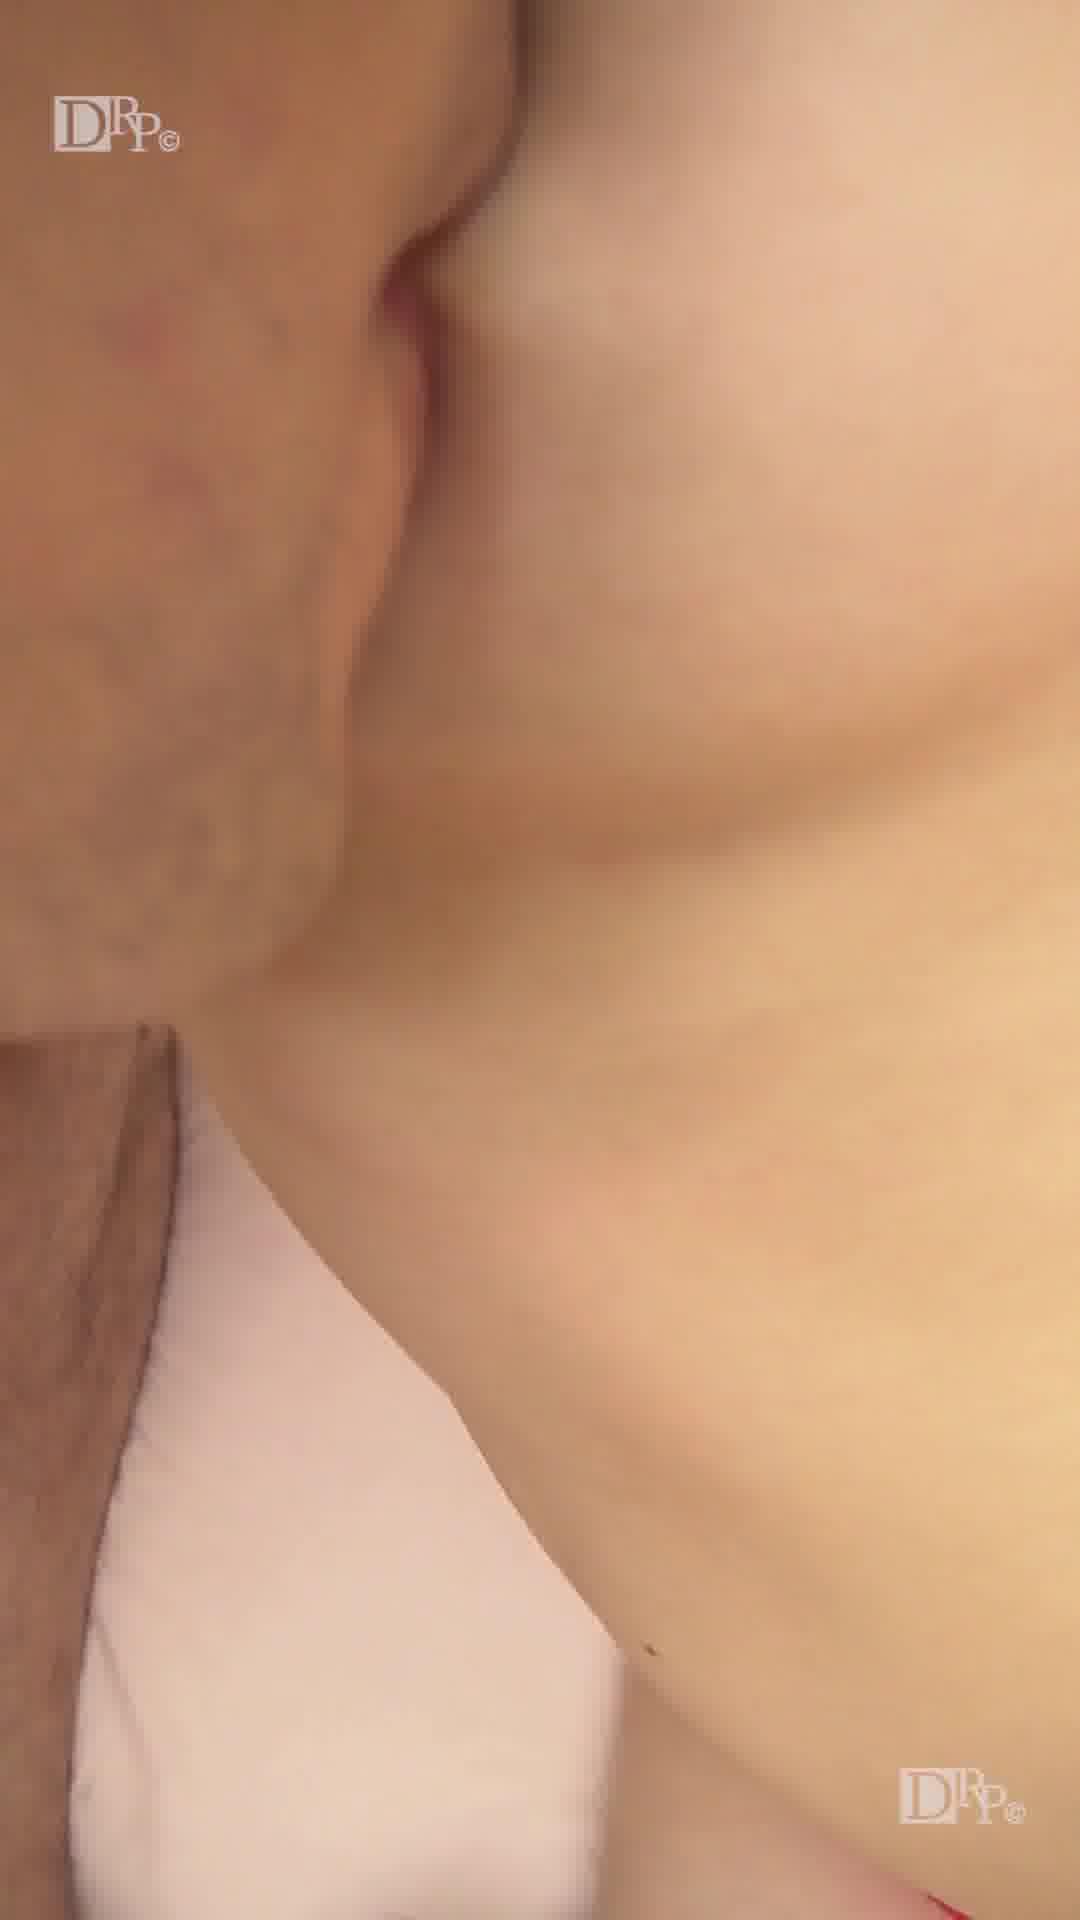 縦型動画 026 ~ハメ撮りプライベート~ - 冴君麻衣子【ハメ撮り・痴女・中出し】